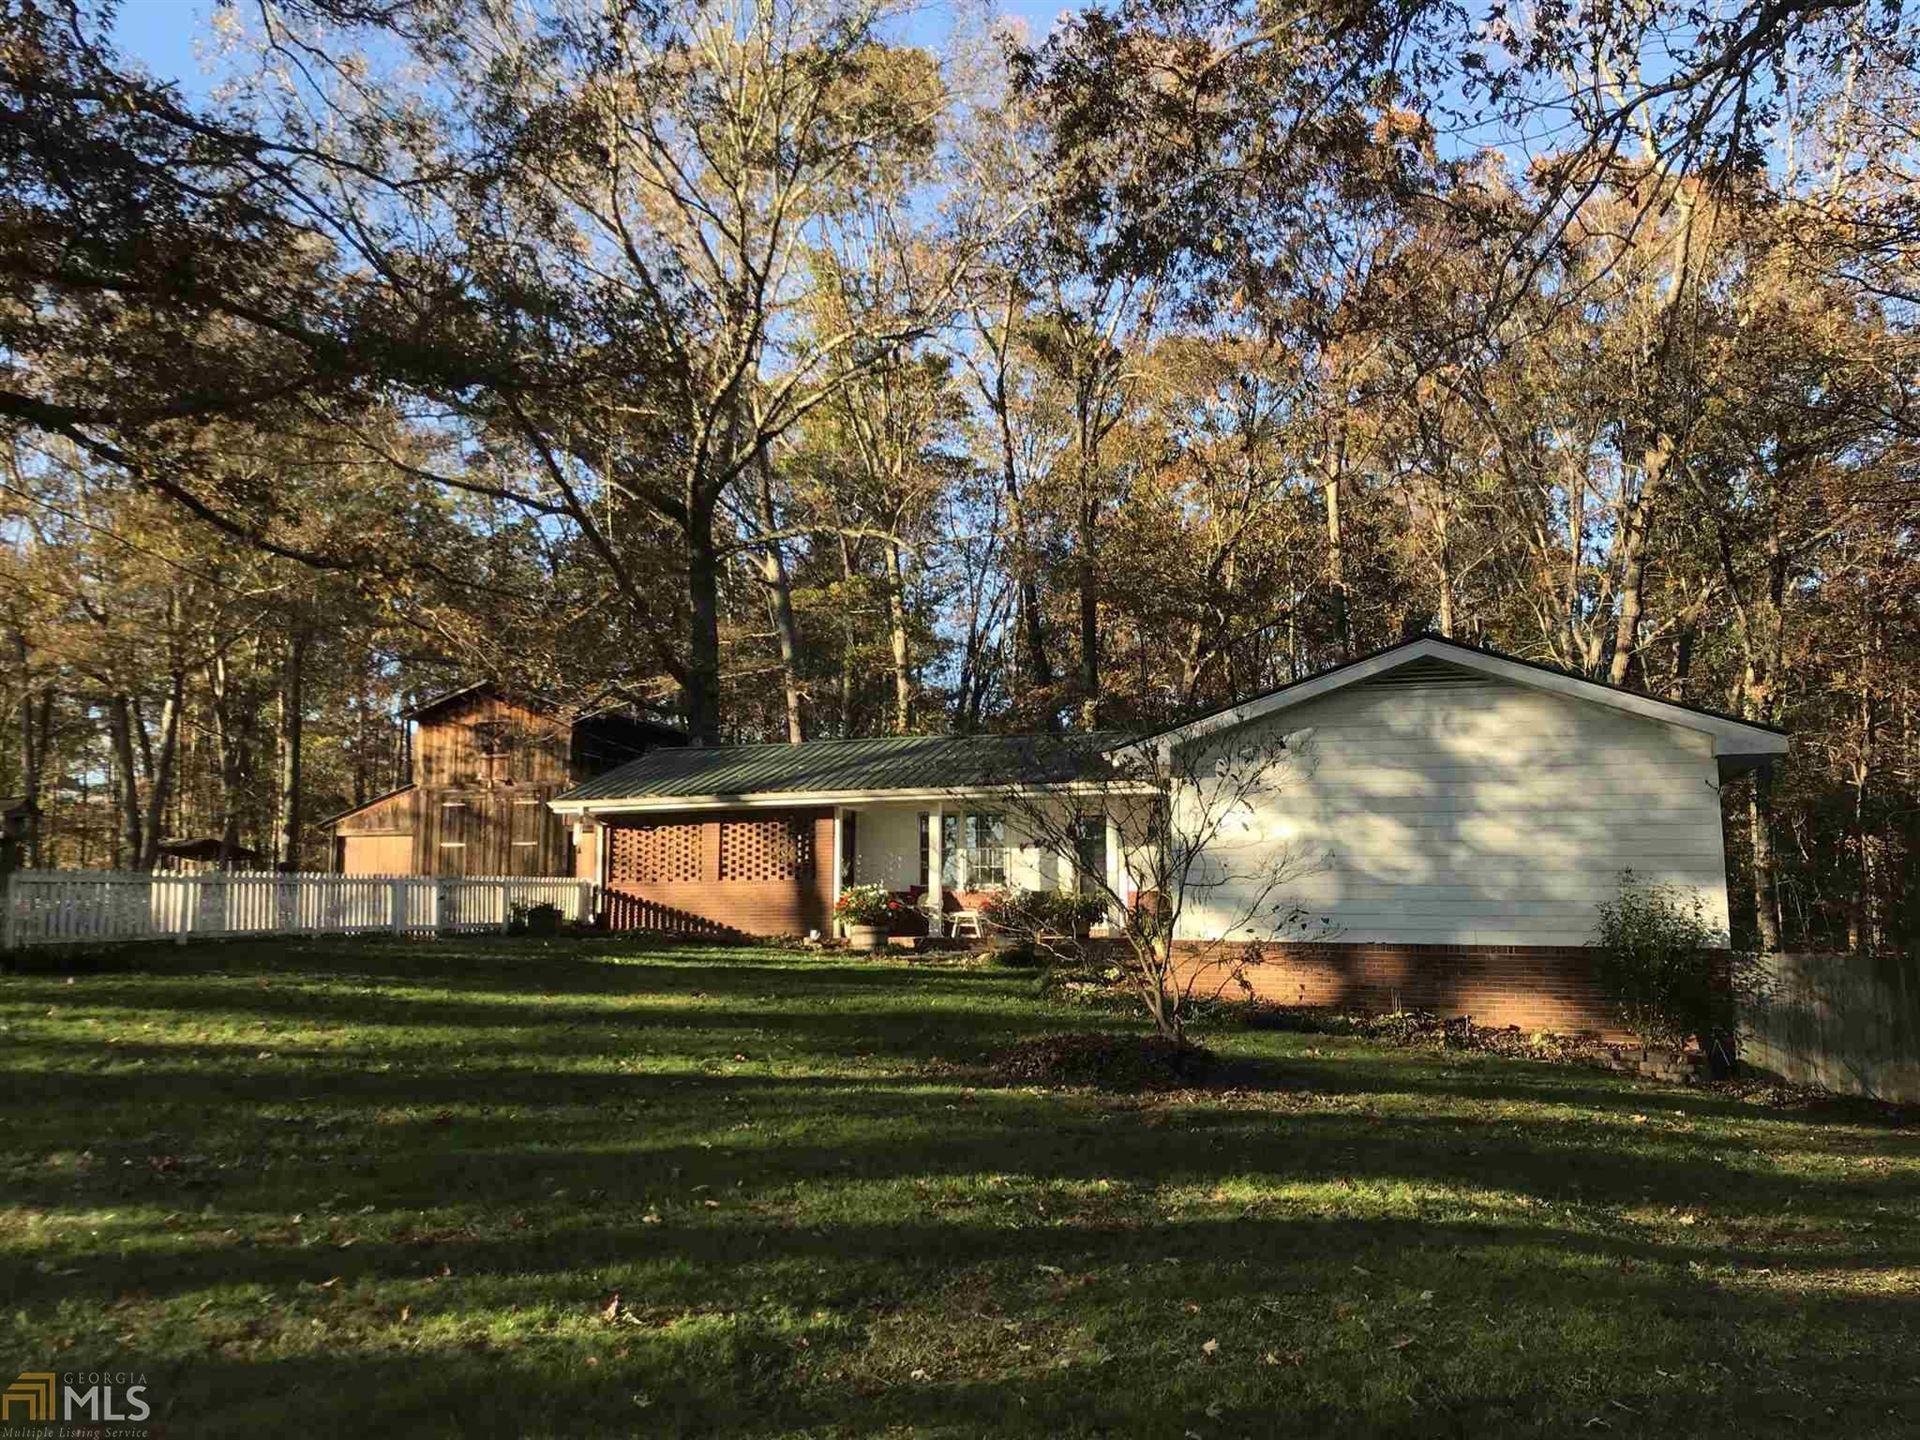 2550 Mountain Rd, Milton, GA 30004 - MLS#: 8893303